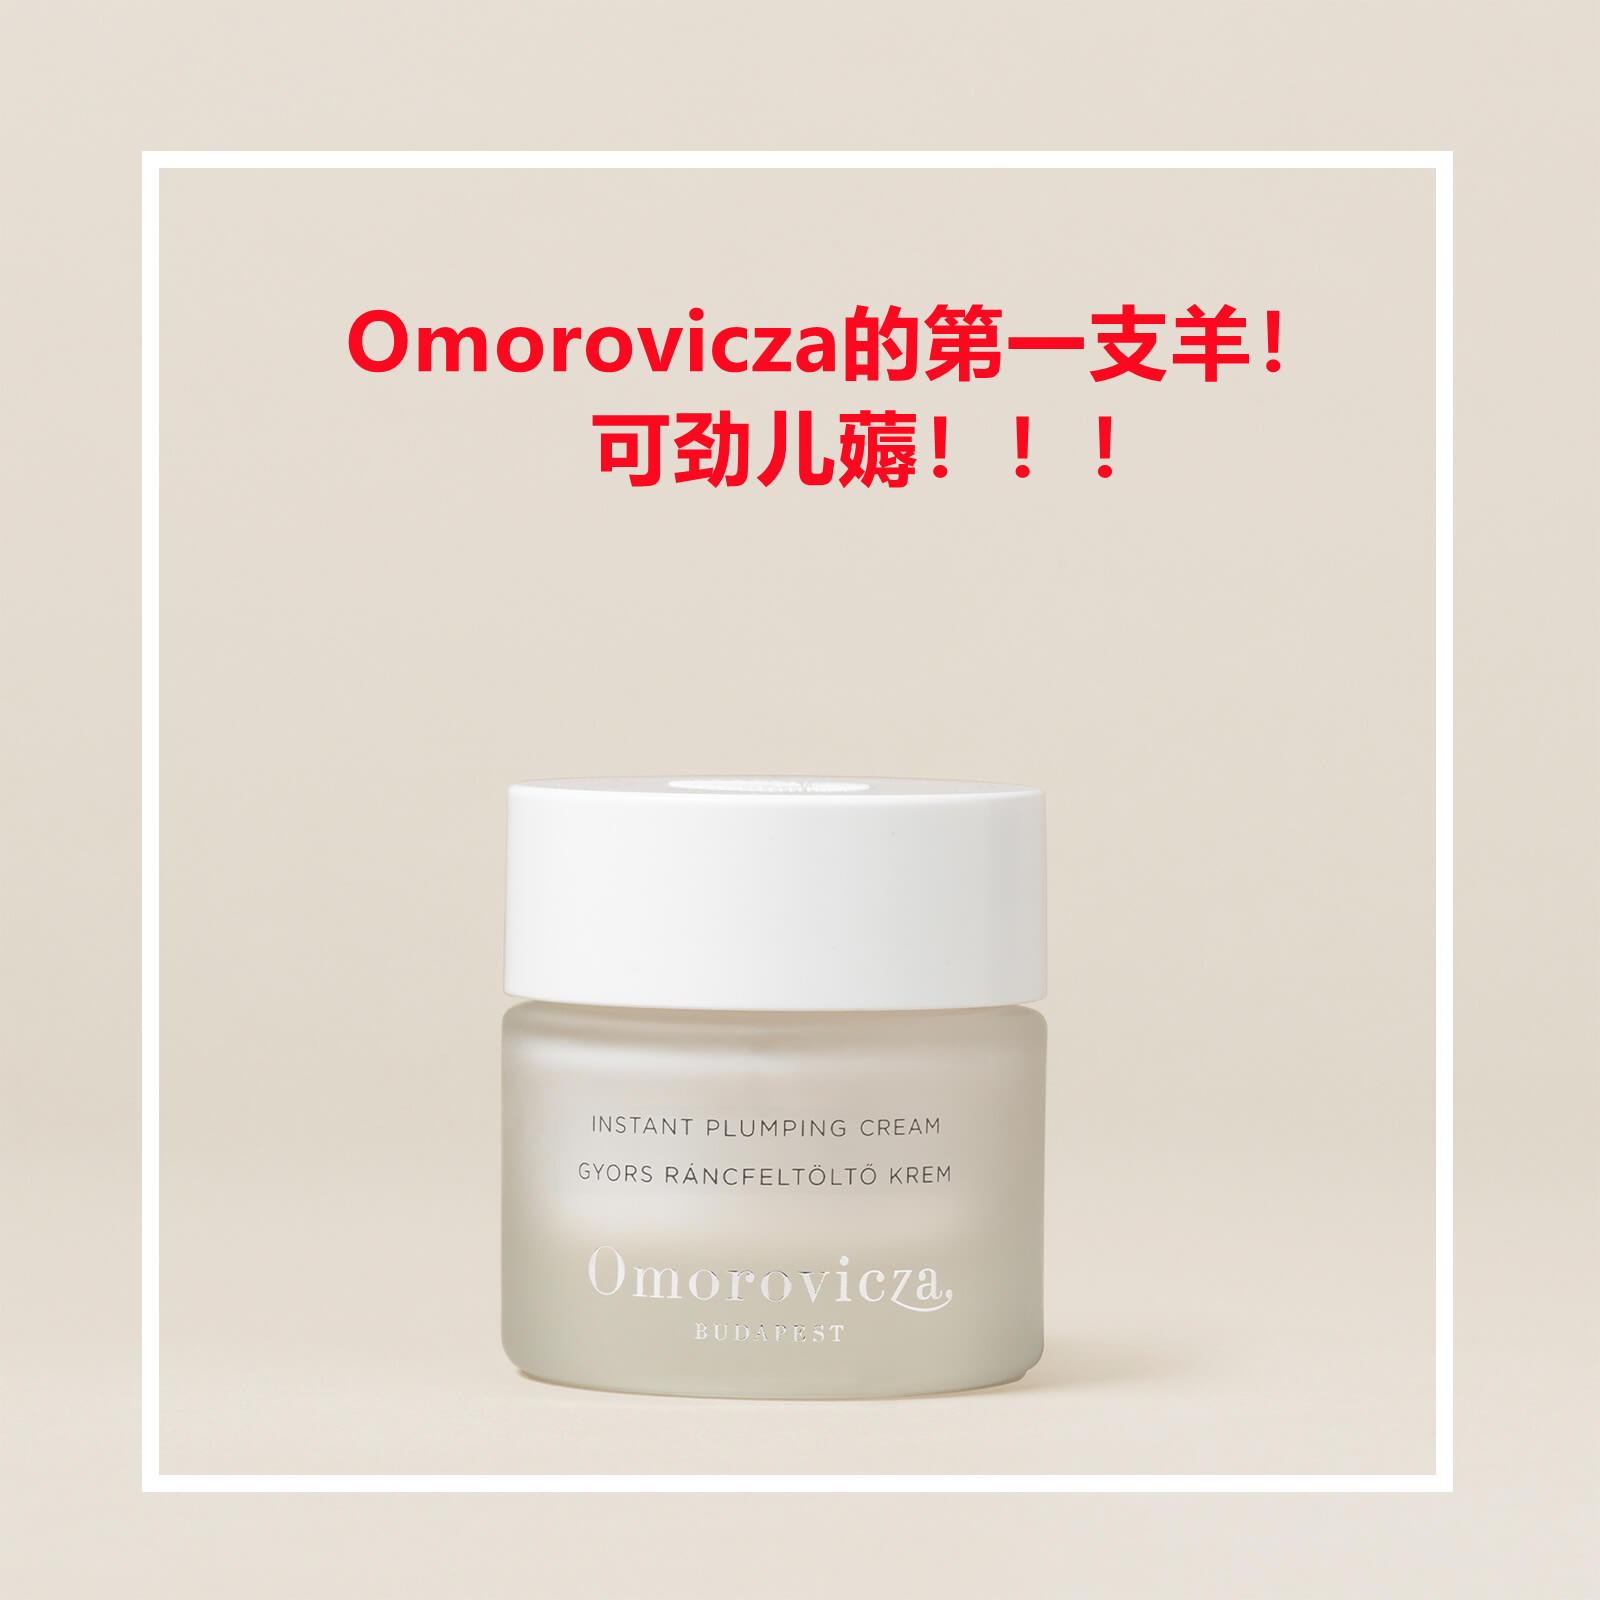 Omorovicza的第一支羊毛!第一个霸哥!匈牙利国宝级品牌Omorovicza 瞬时弹力充盈面霜